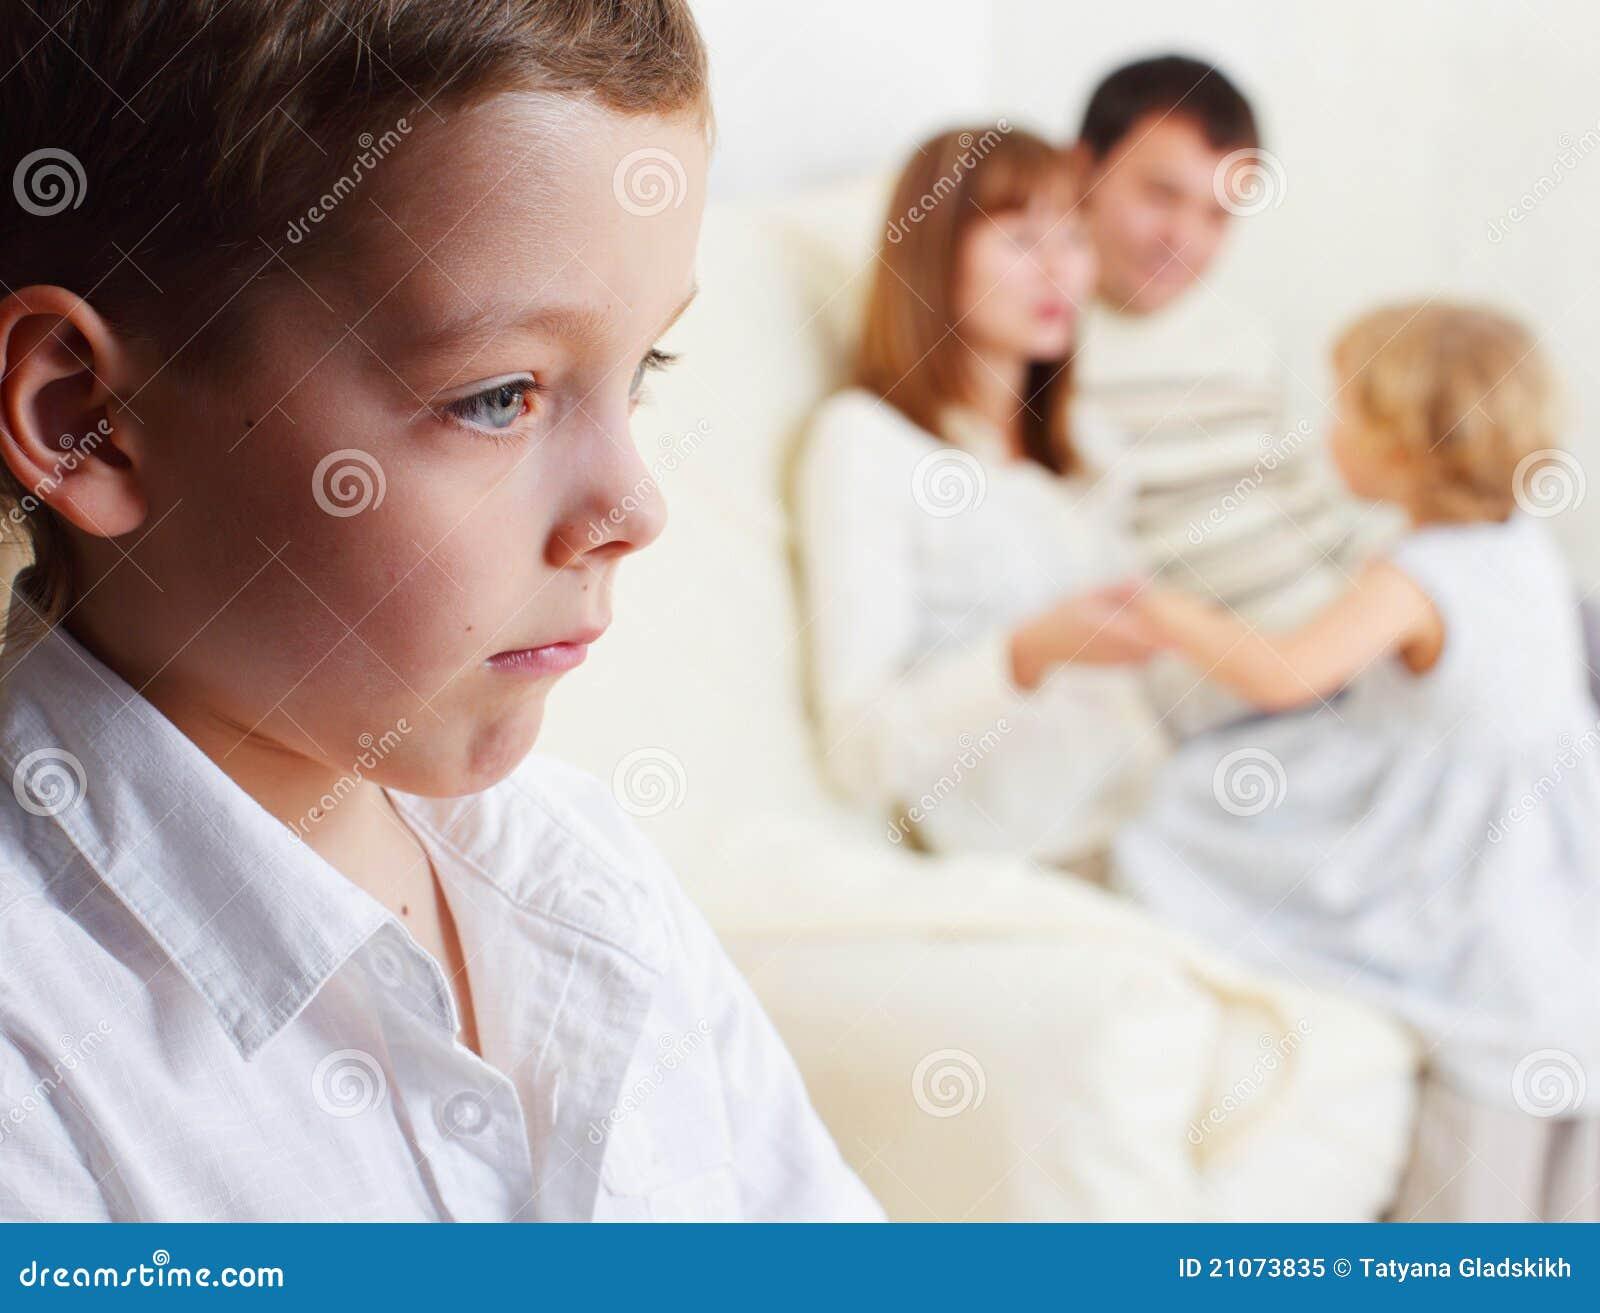 eifersucht bei kindern